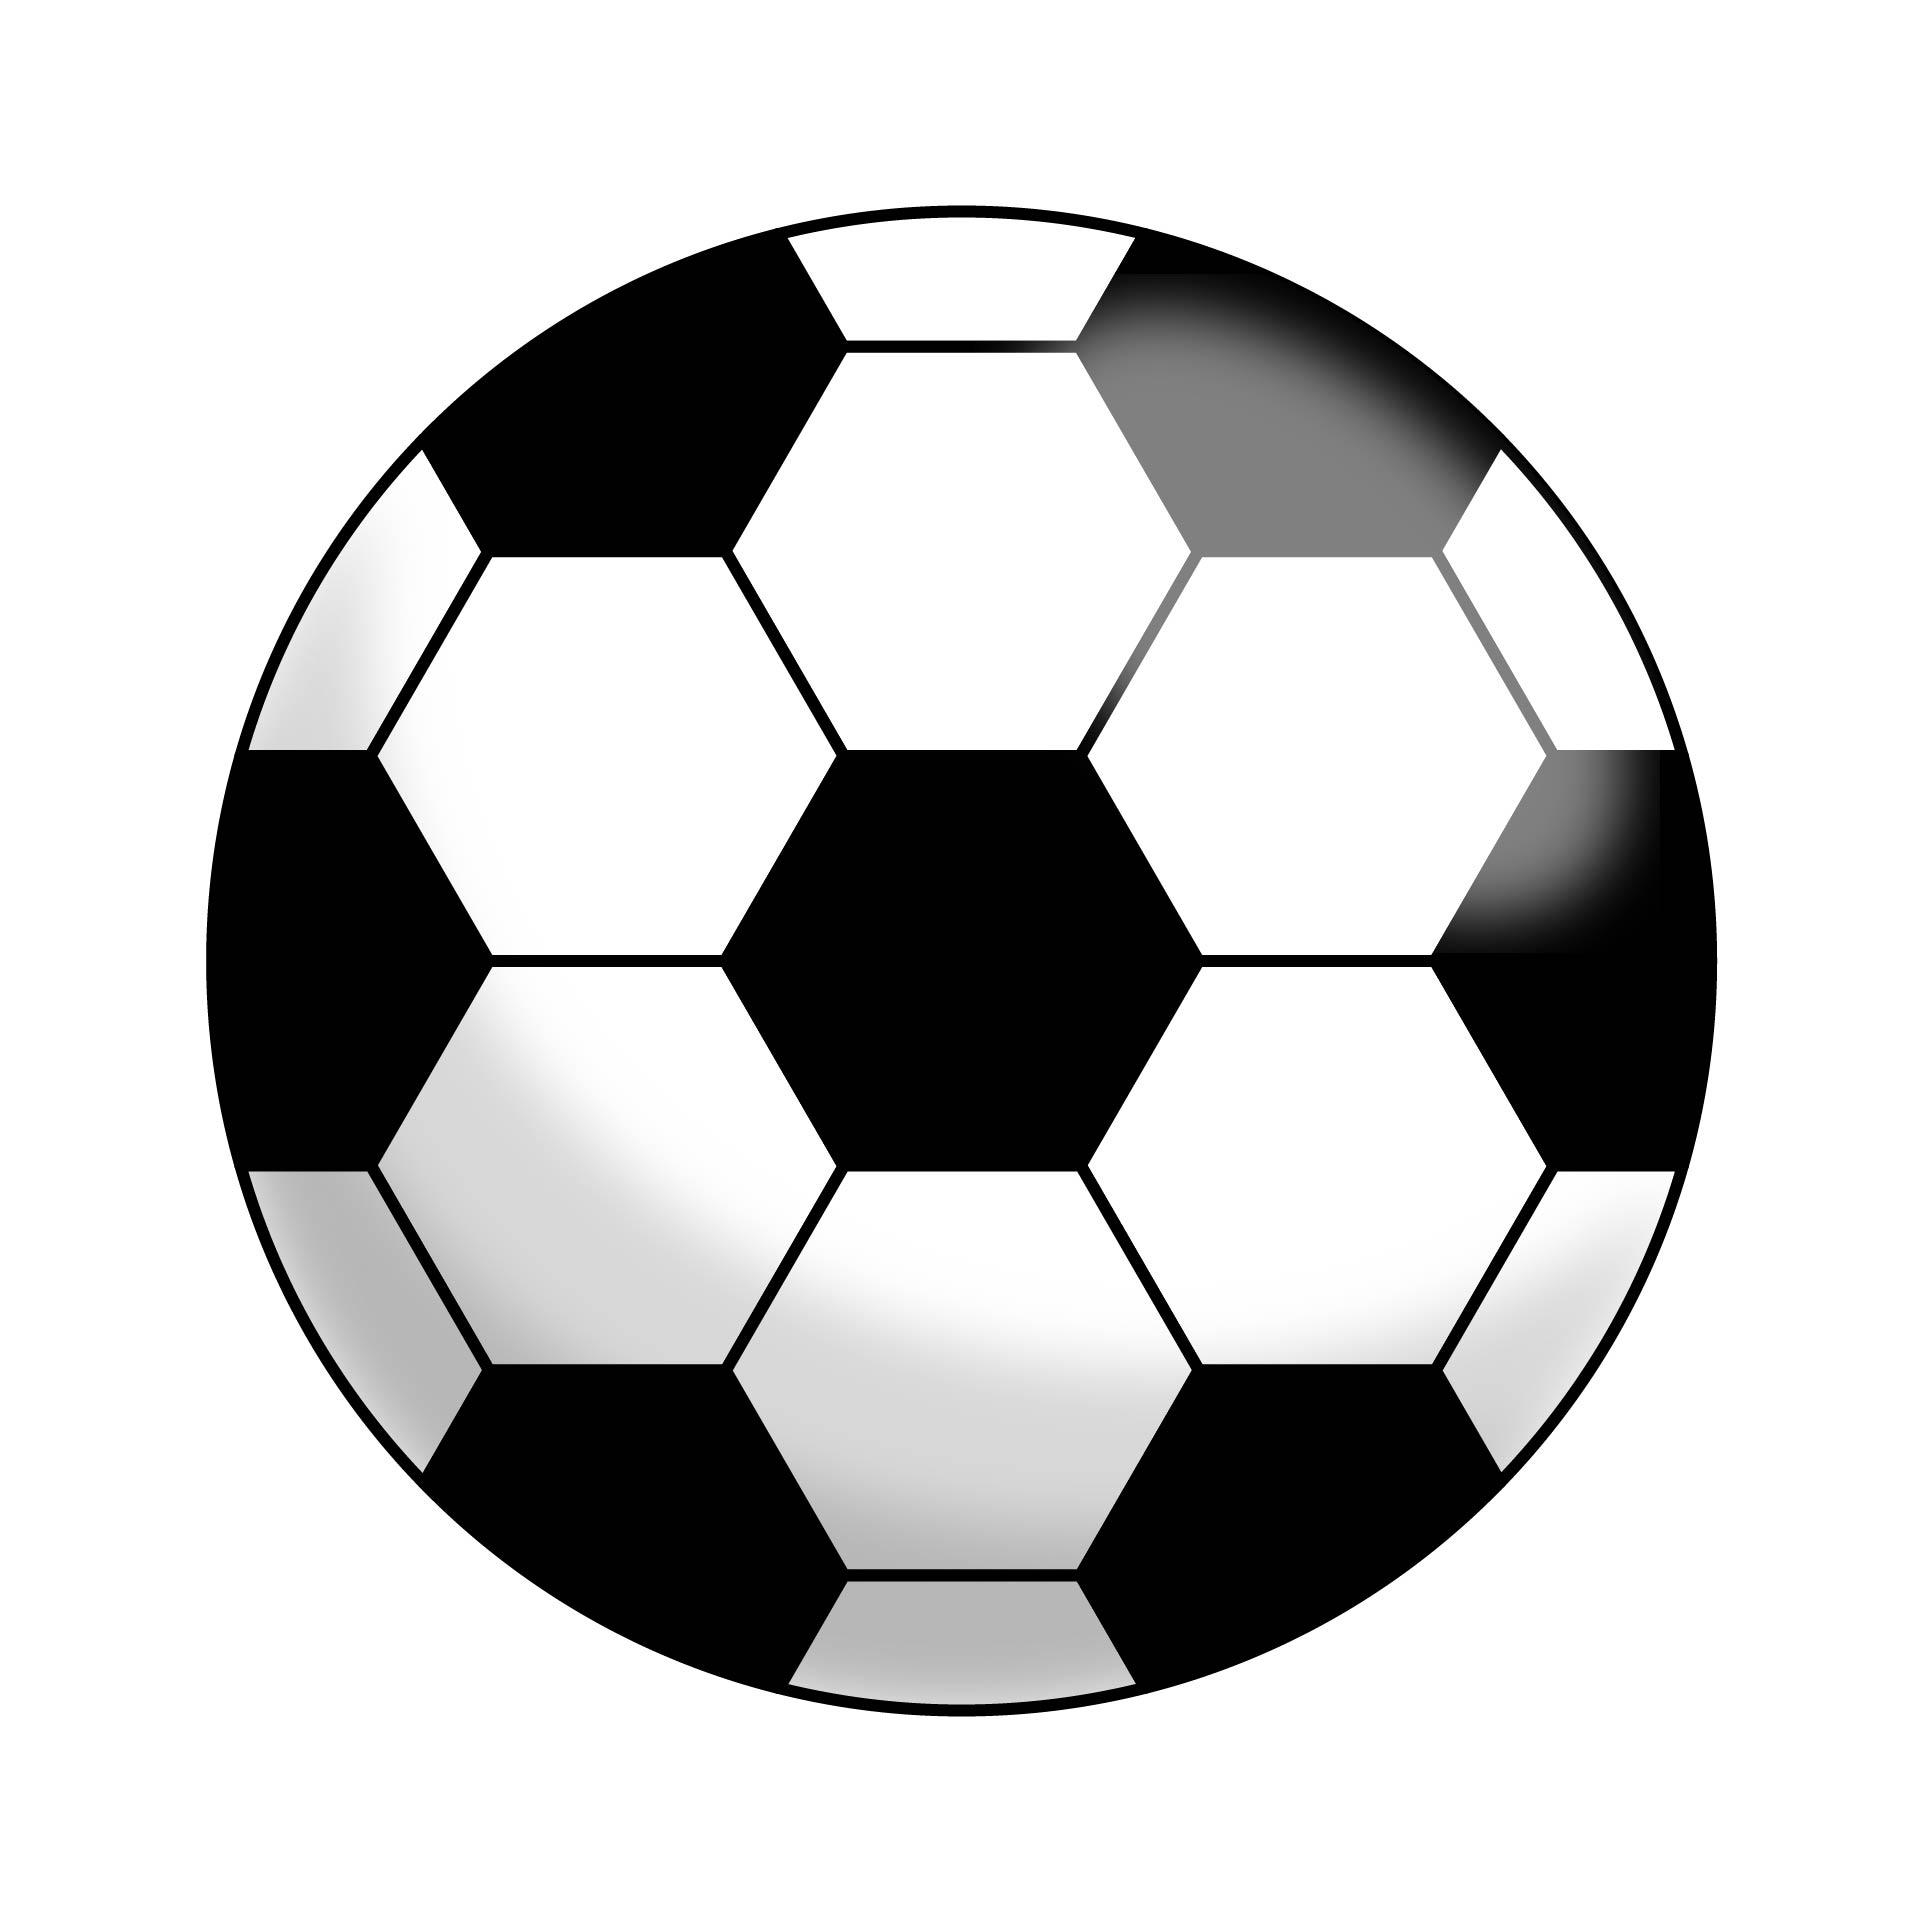 Soccer Ball Clip Art Template